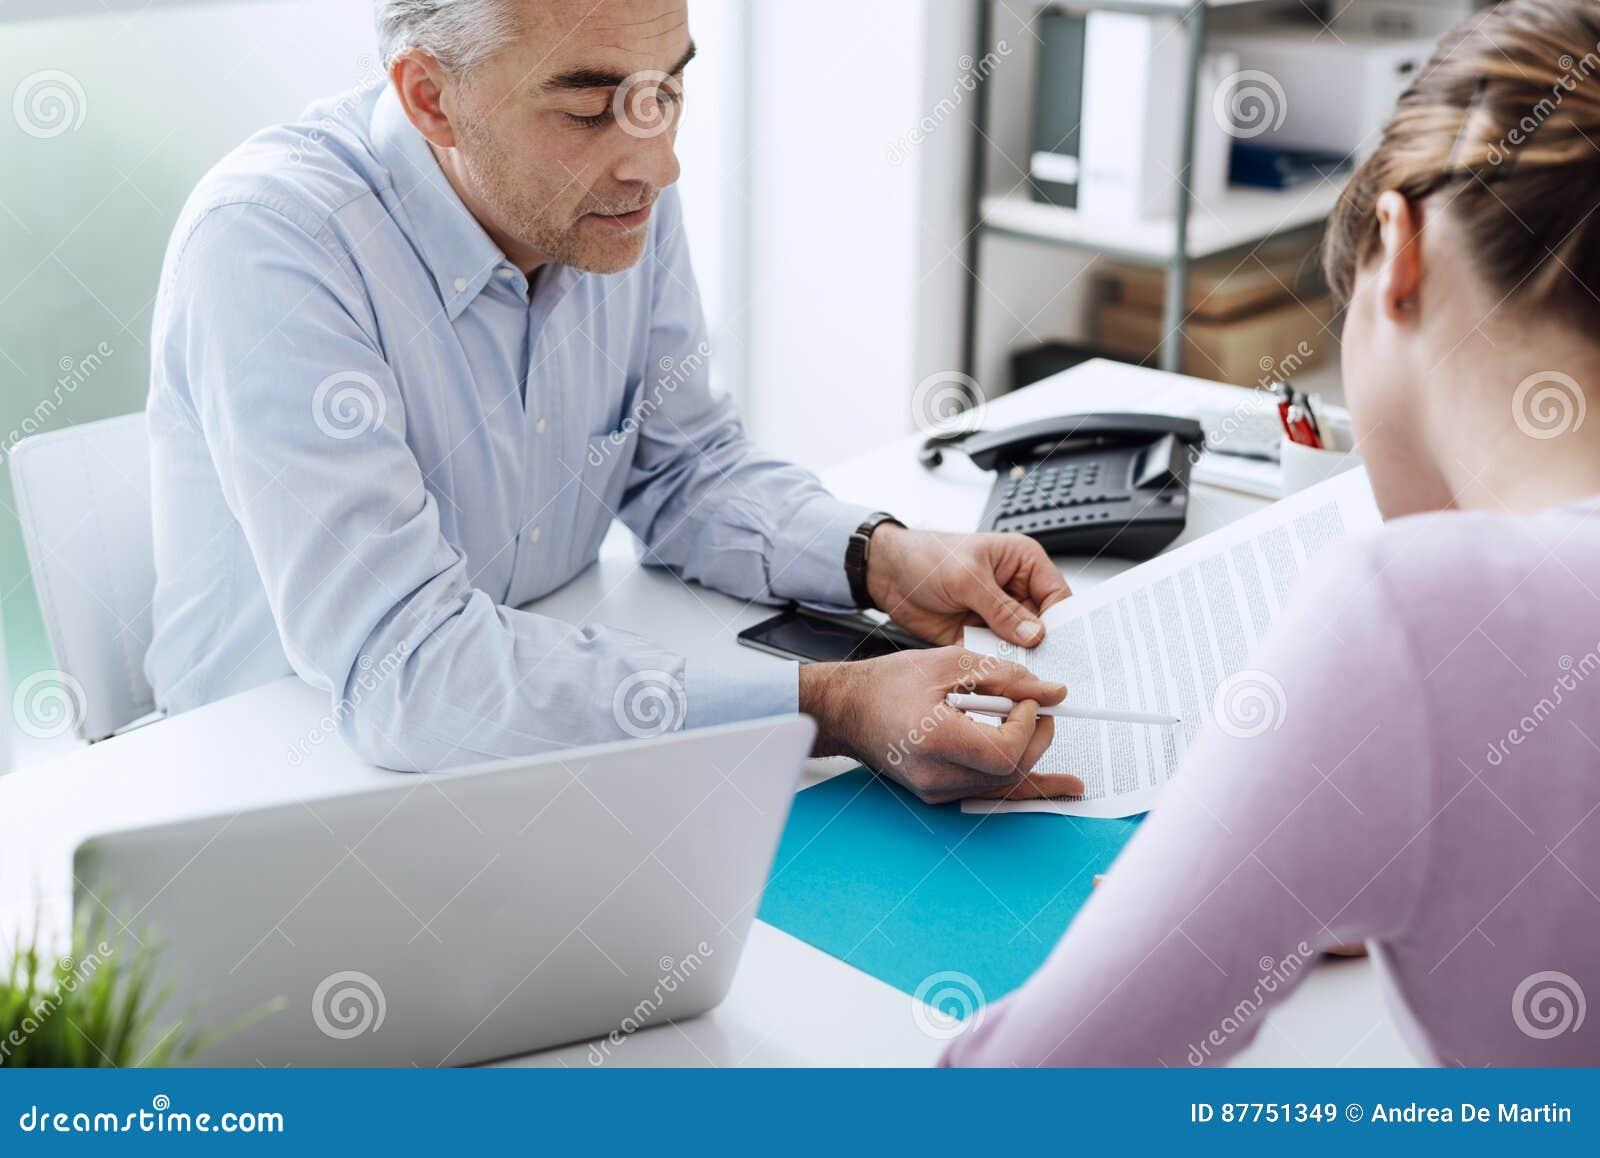 Γυναίκα που συναντά έναν σύμβουλο